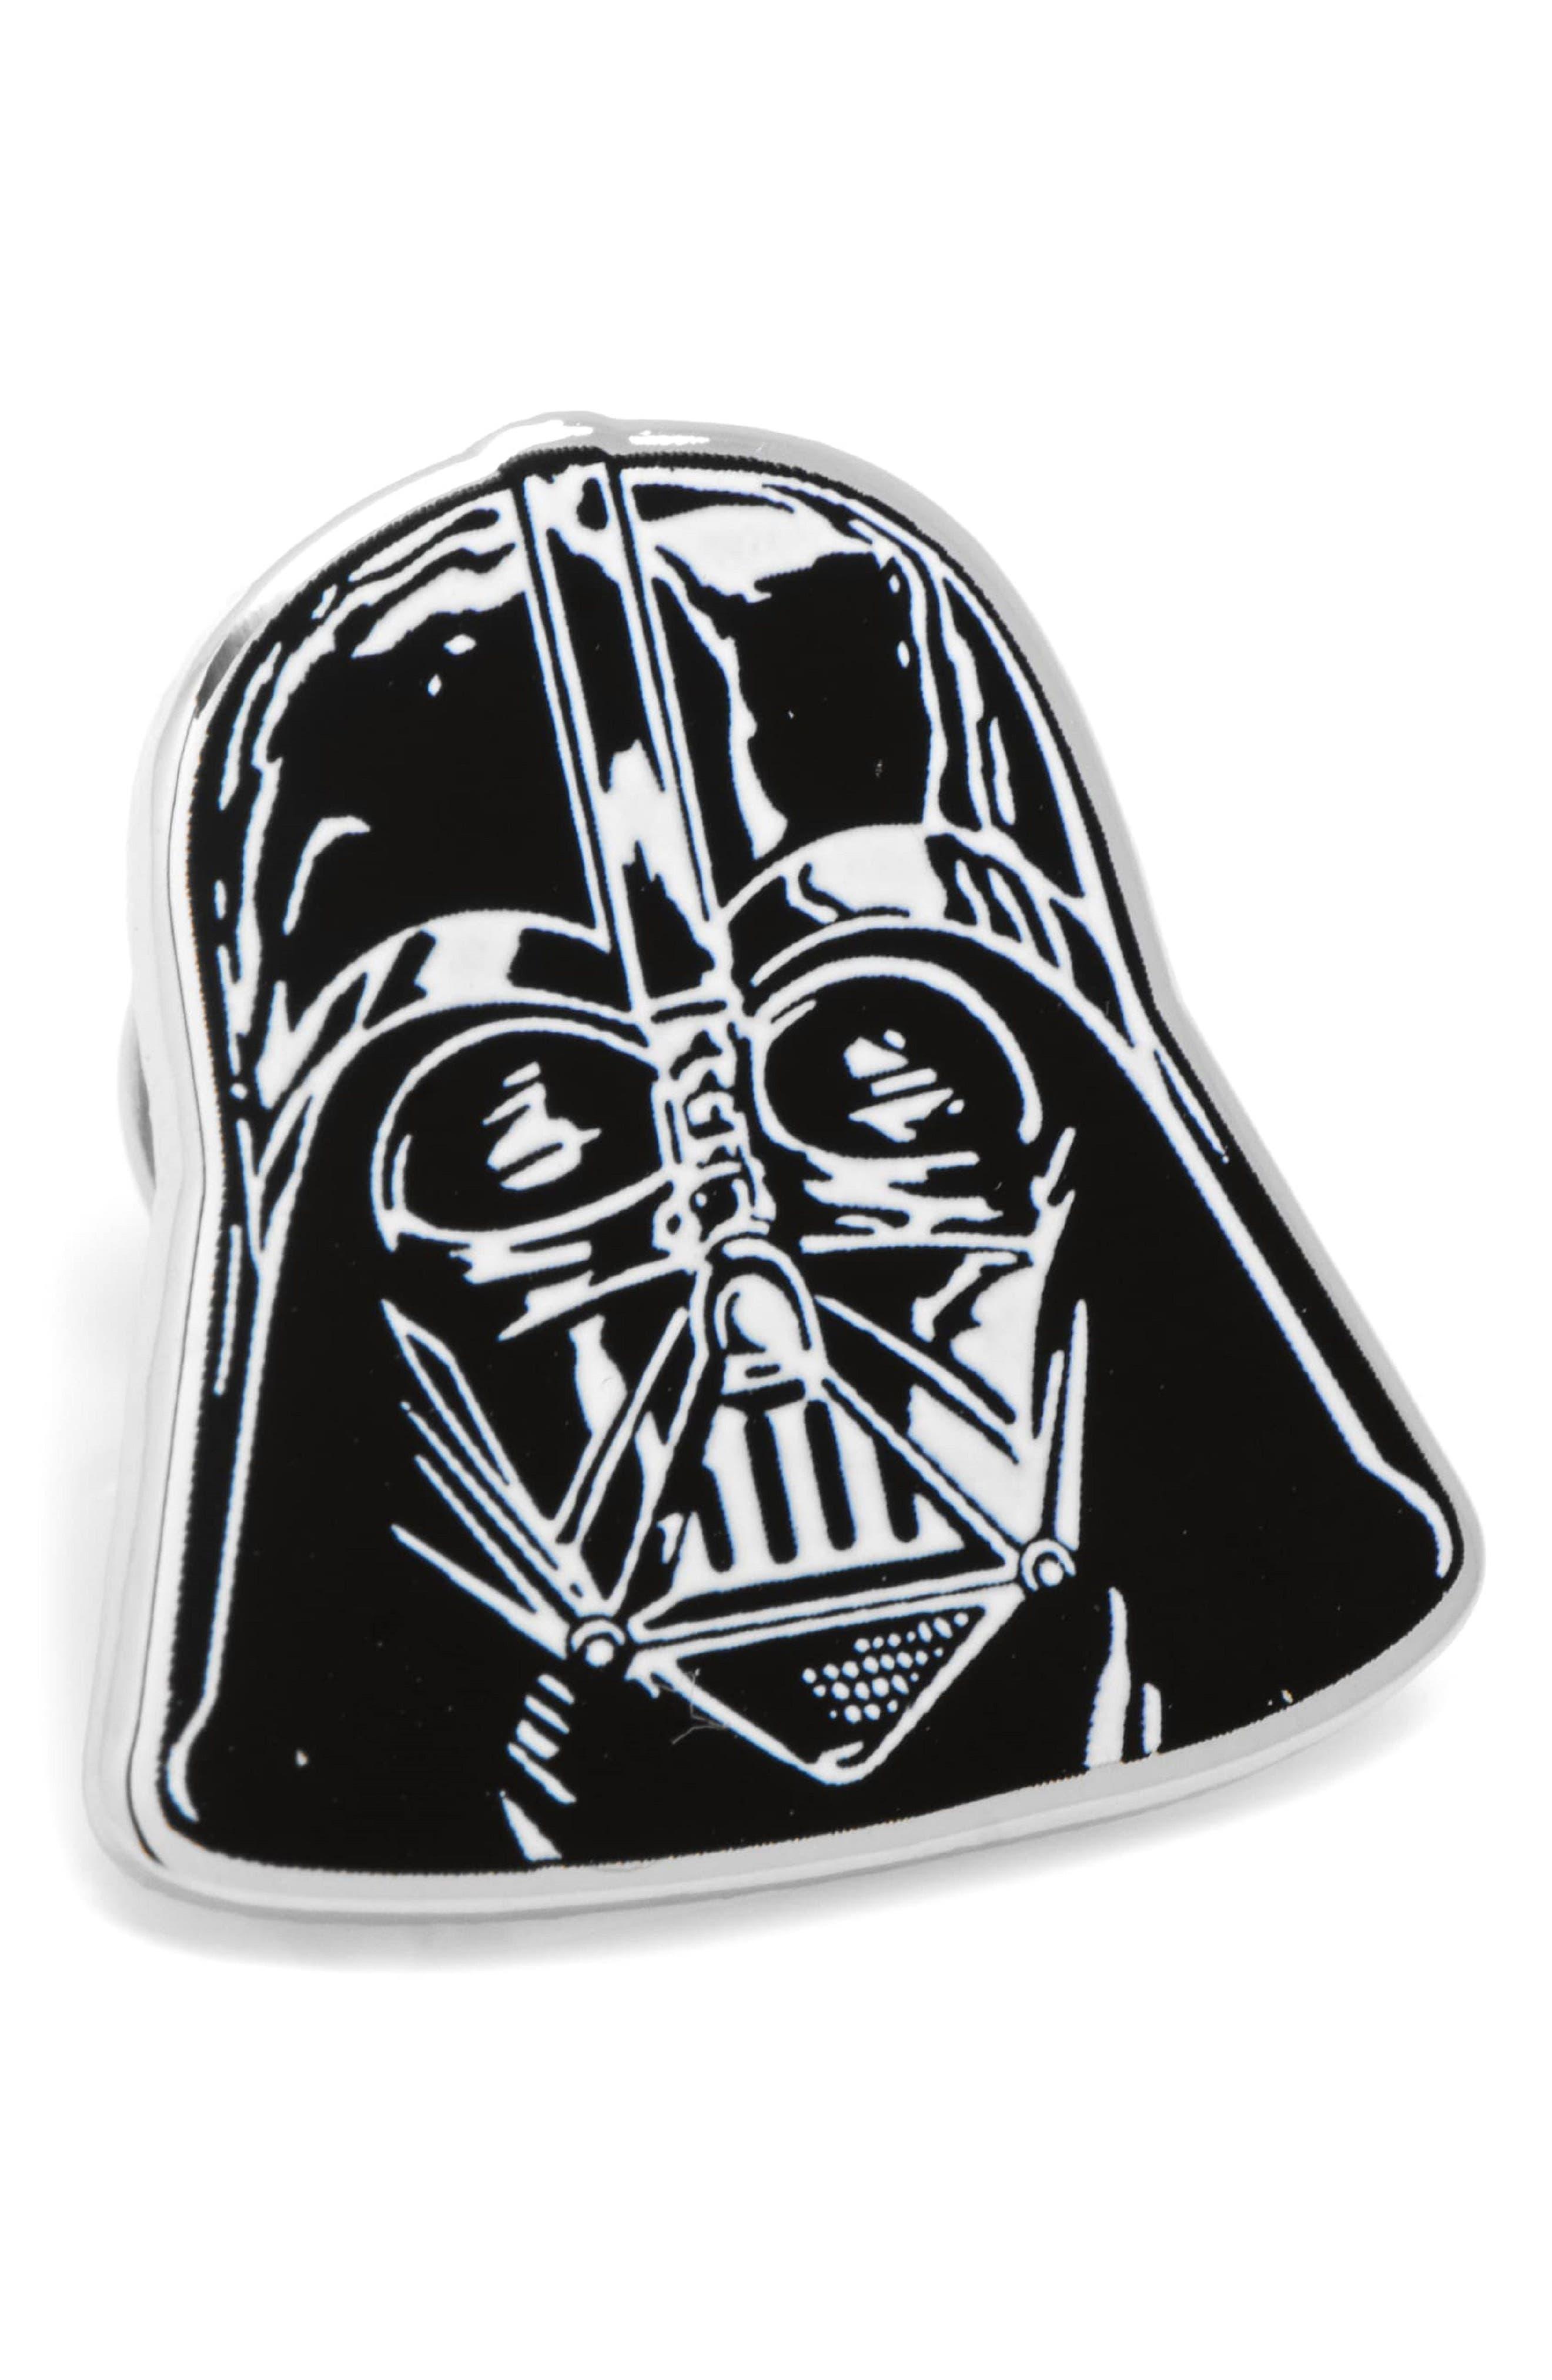 Star Wars<sup>™</sup> - Darth Vader Lapel Pin,                         Main,                         color, Silver